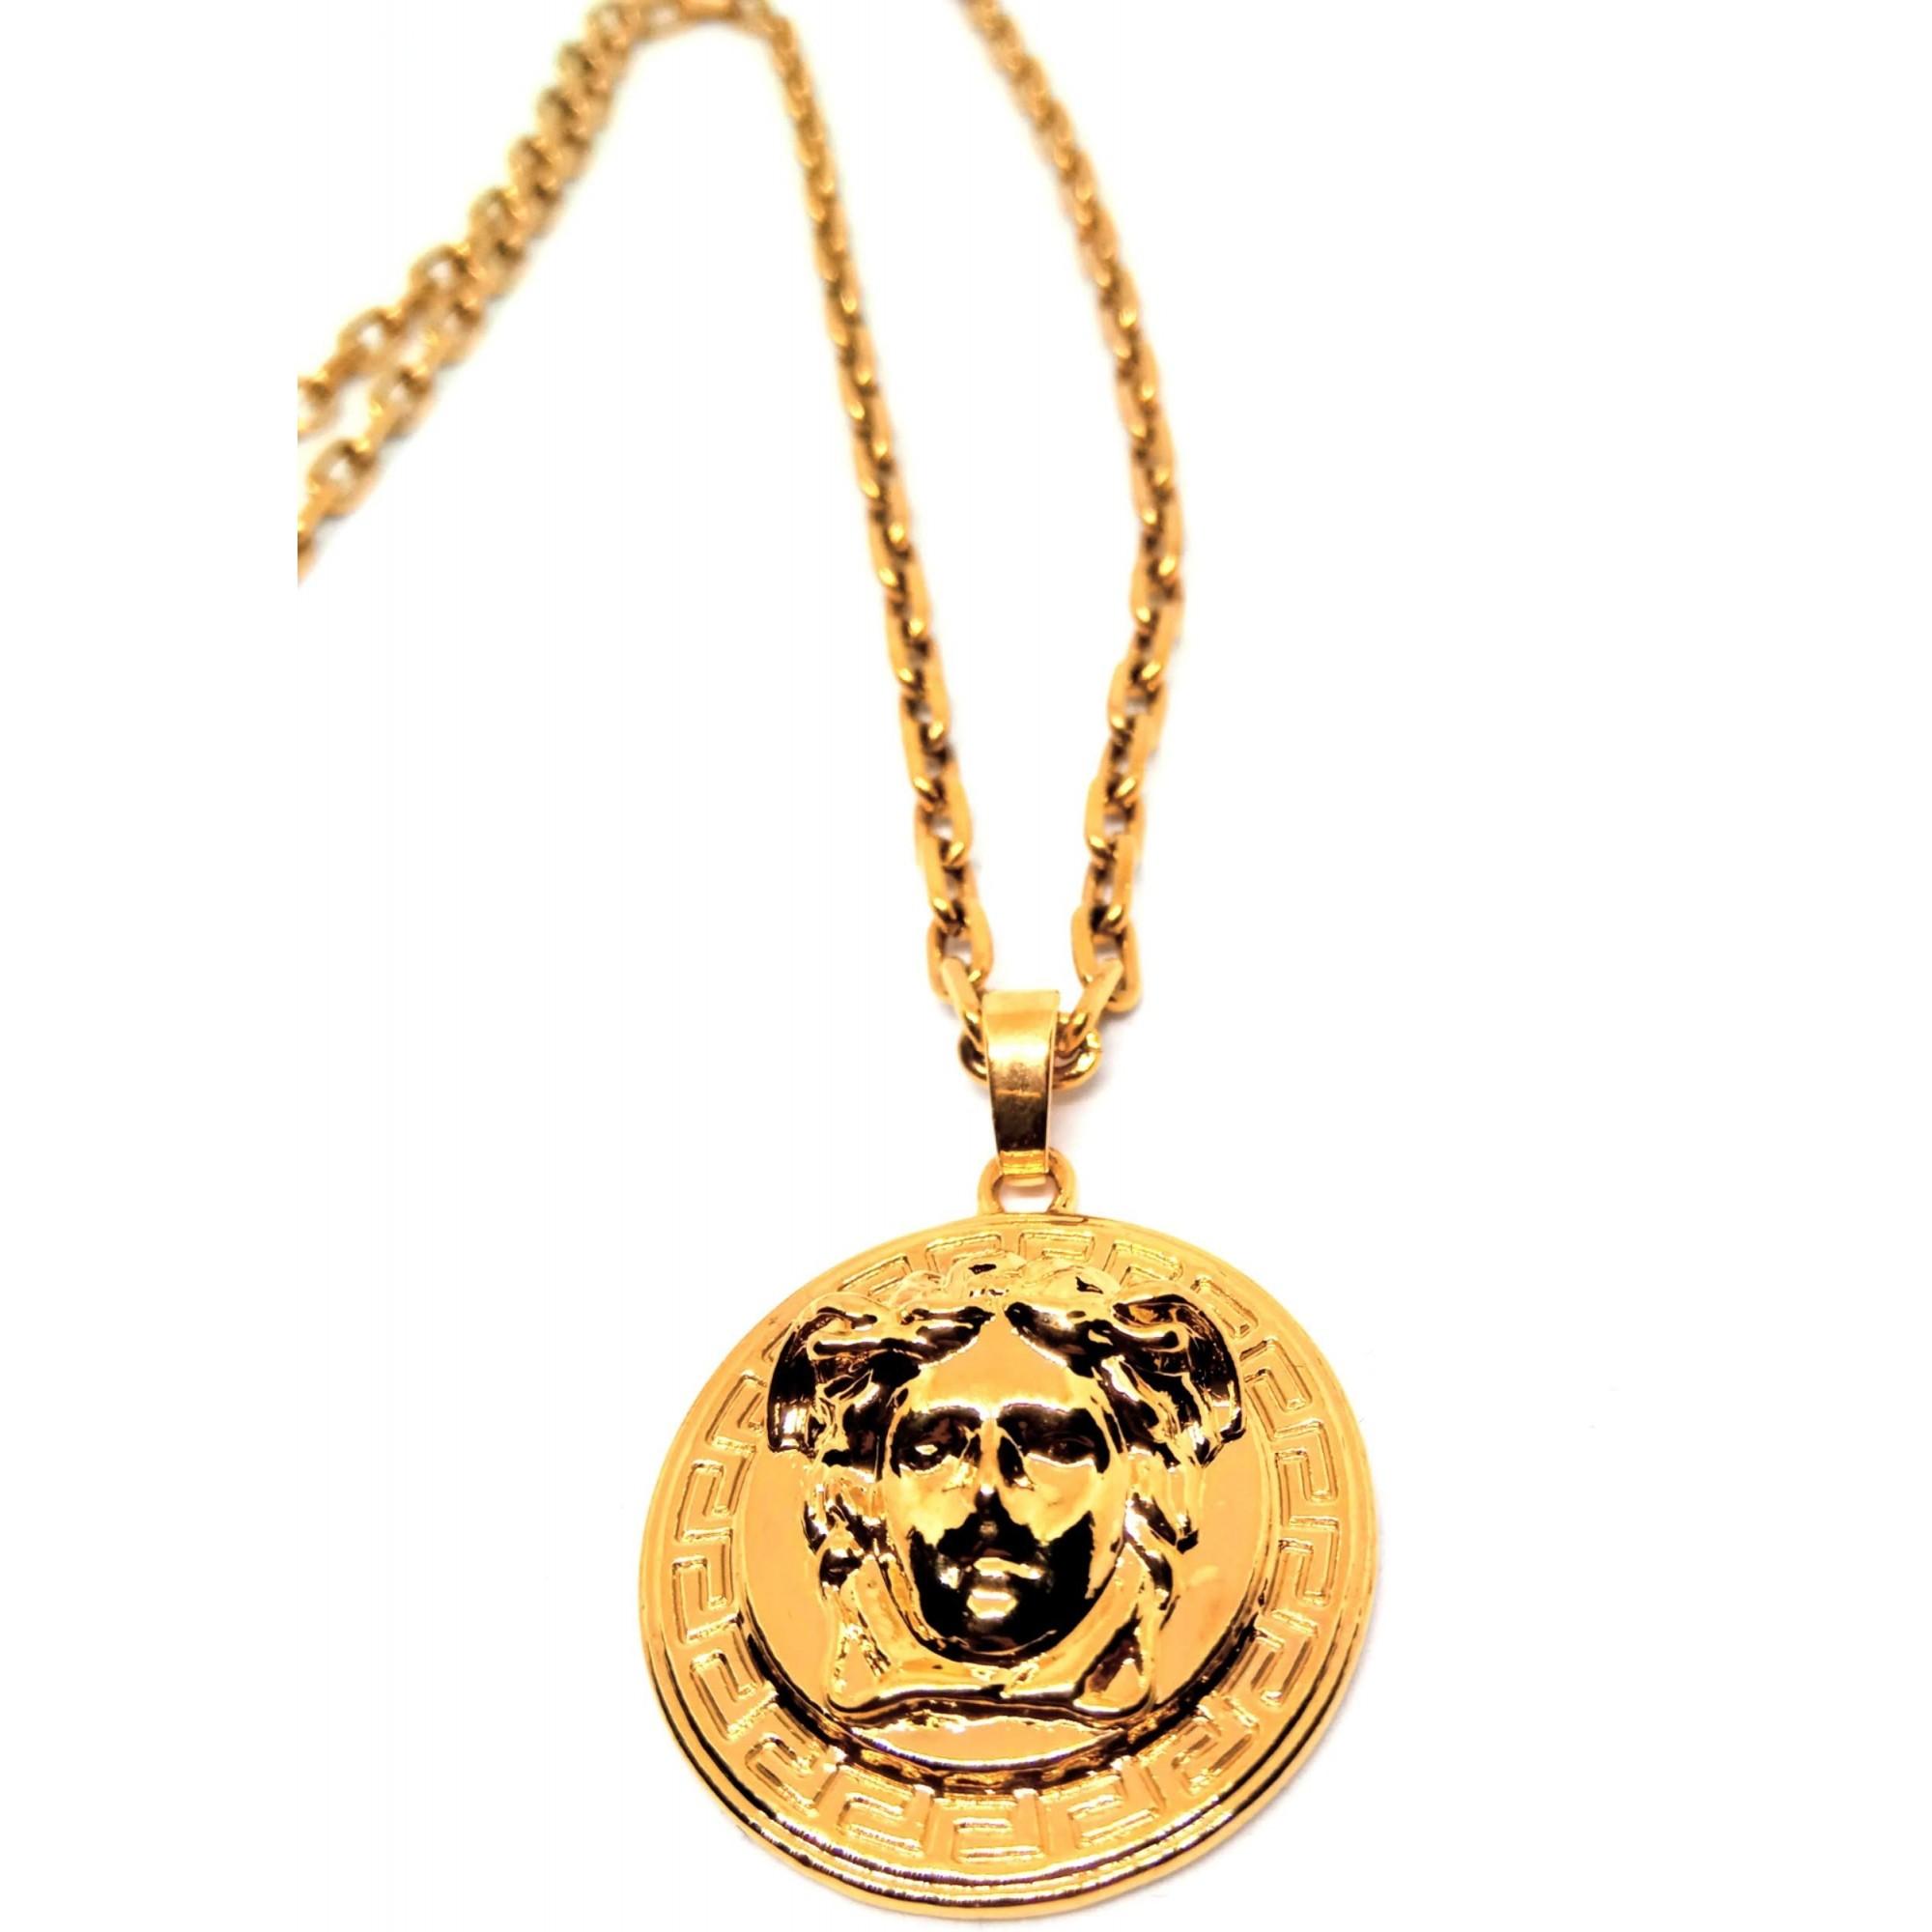 Corrente Cordão Banhado ouro 18k Elos Cadeado Medusa 4mm